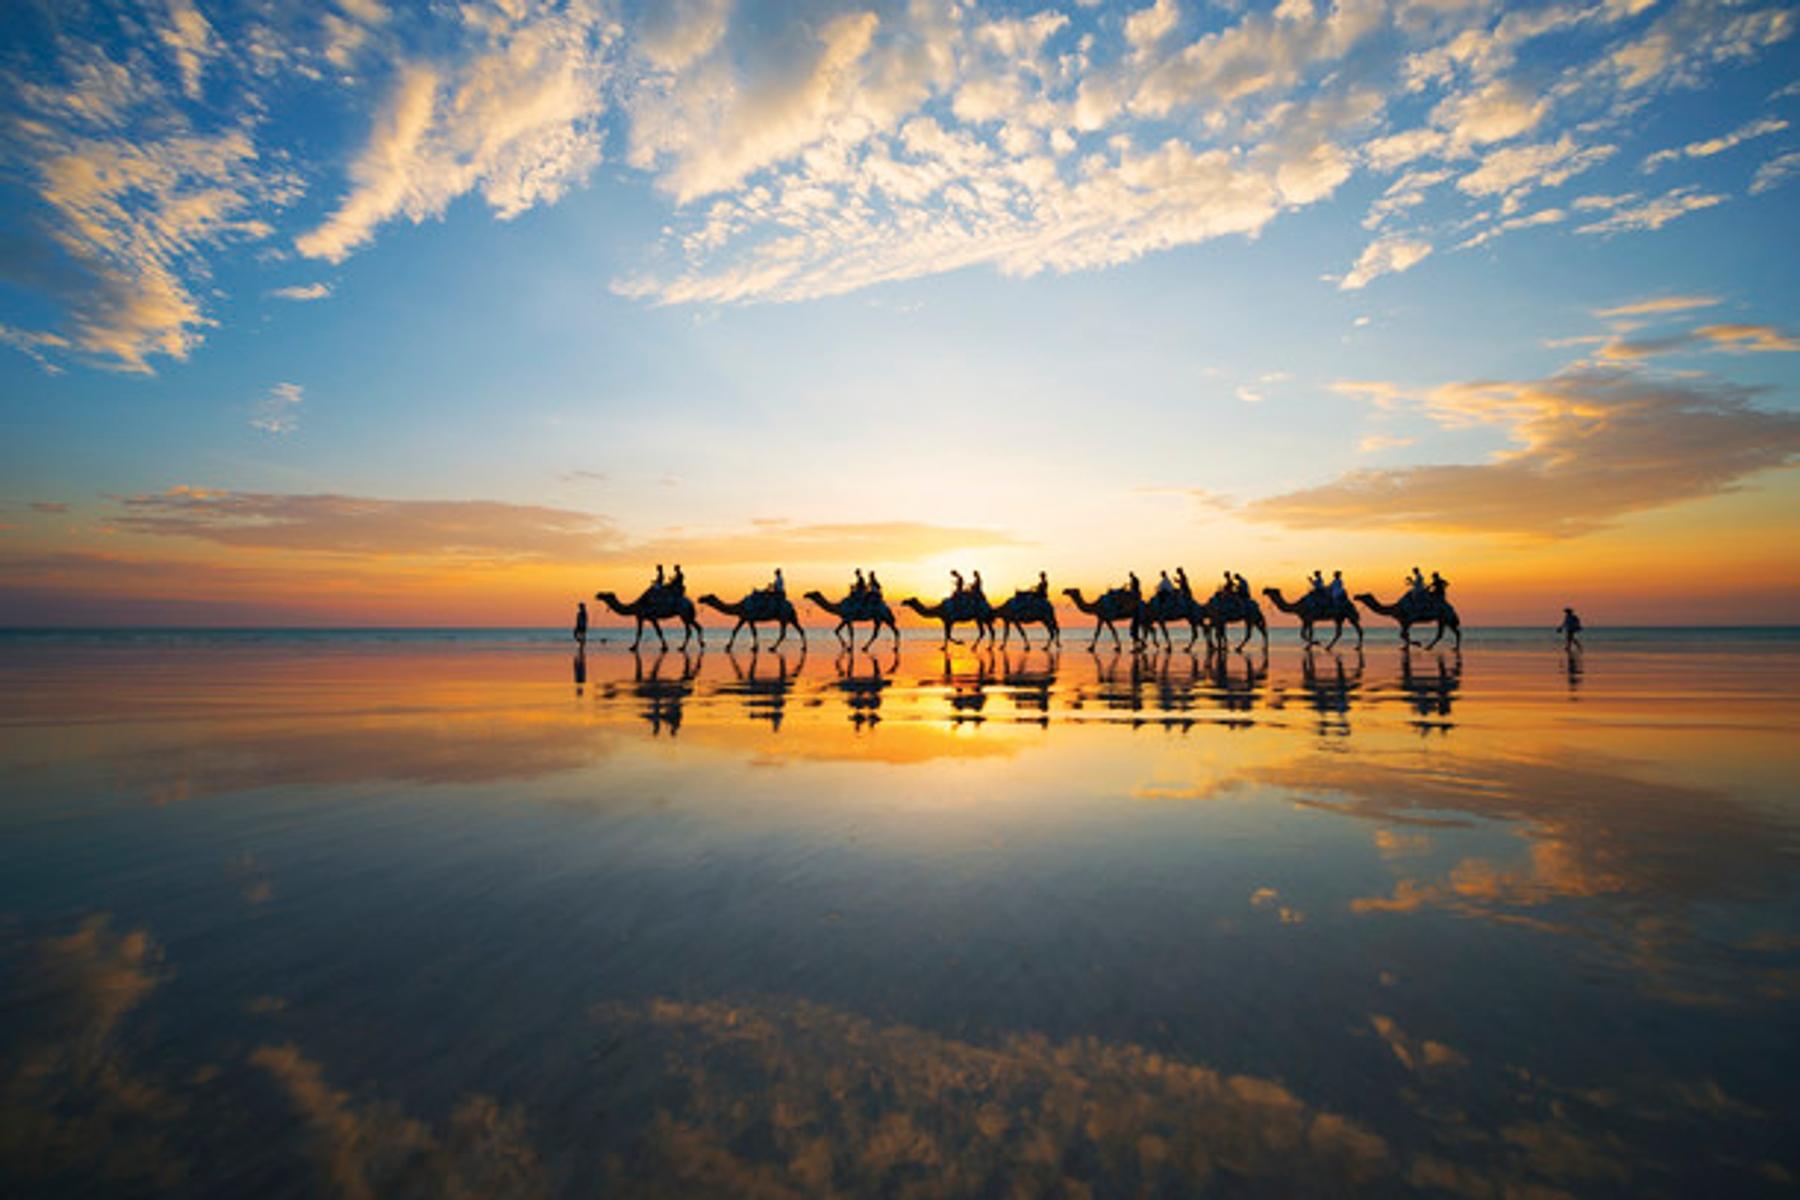 Caravan of camels on a beach in Western Australia